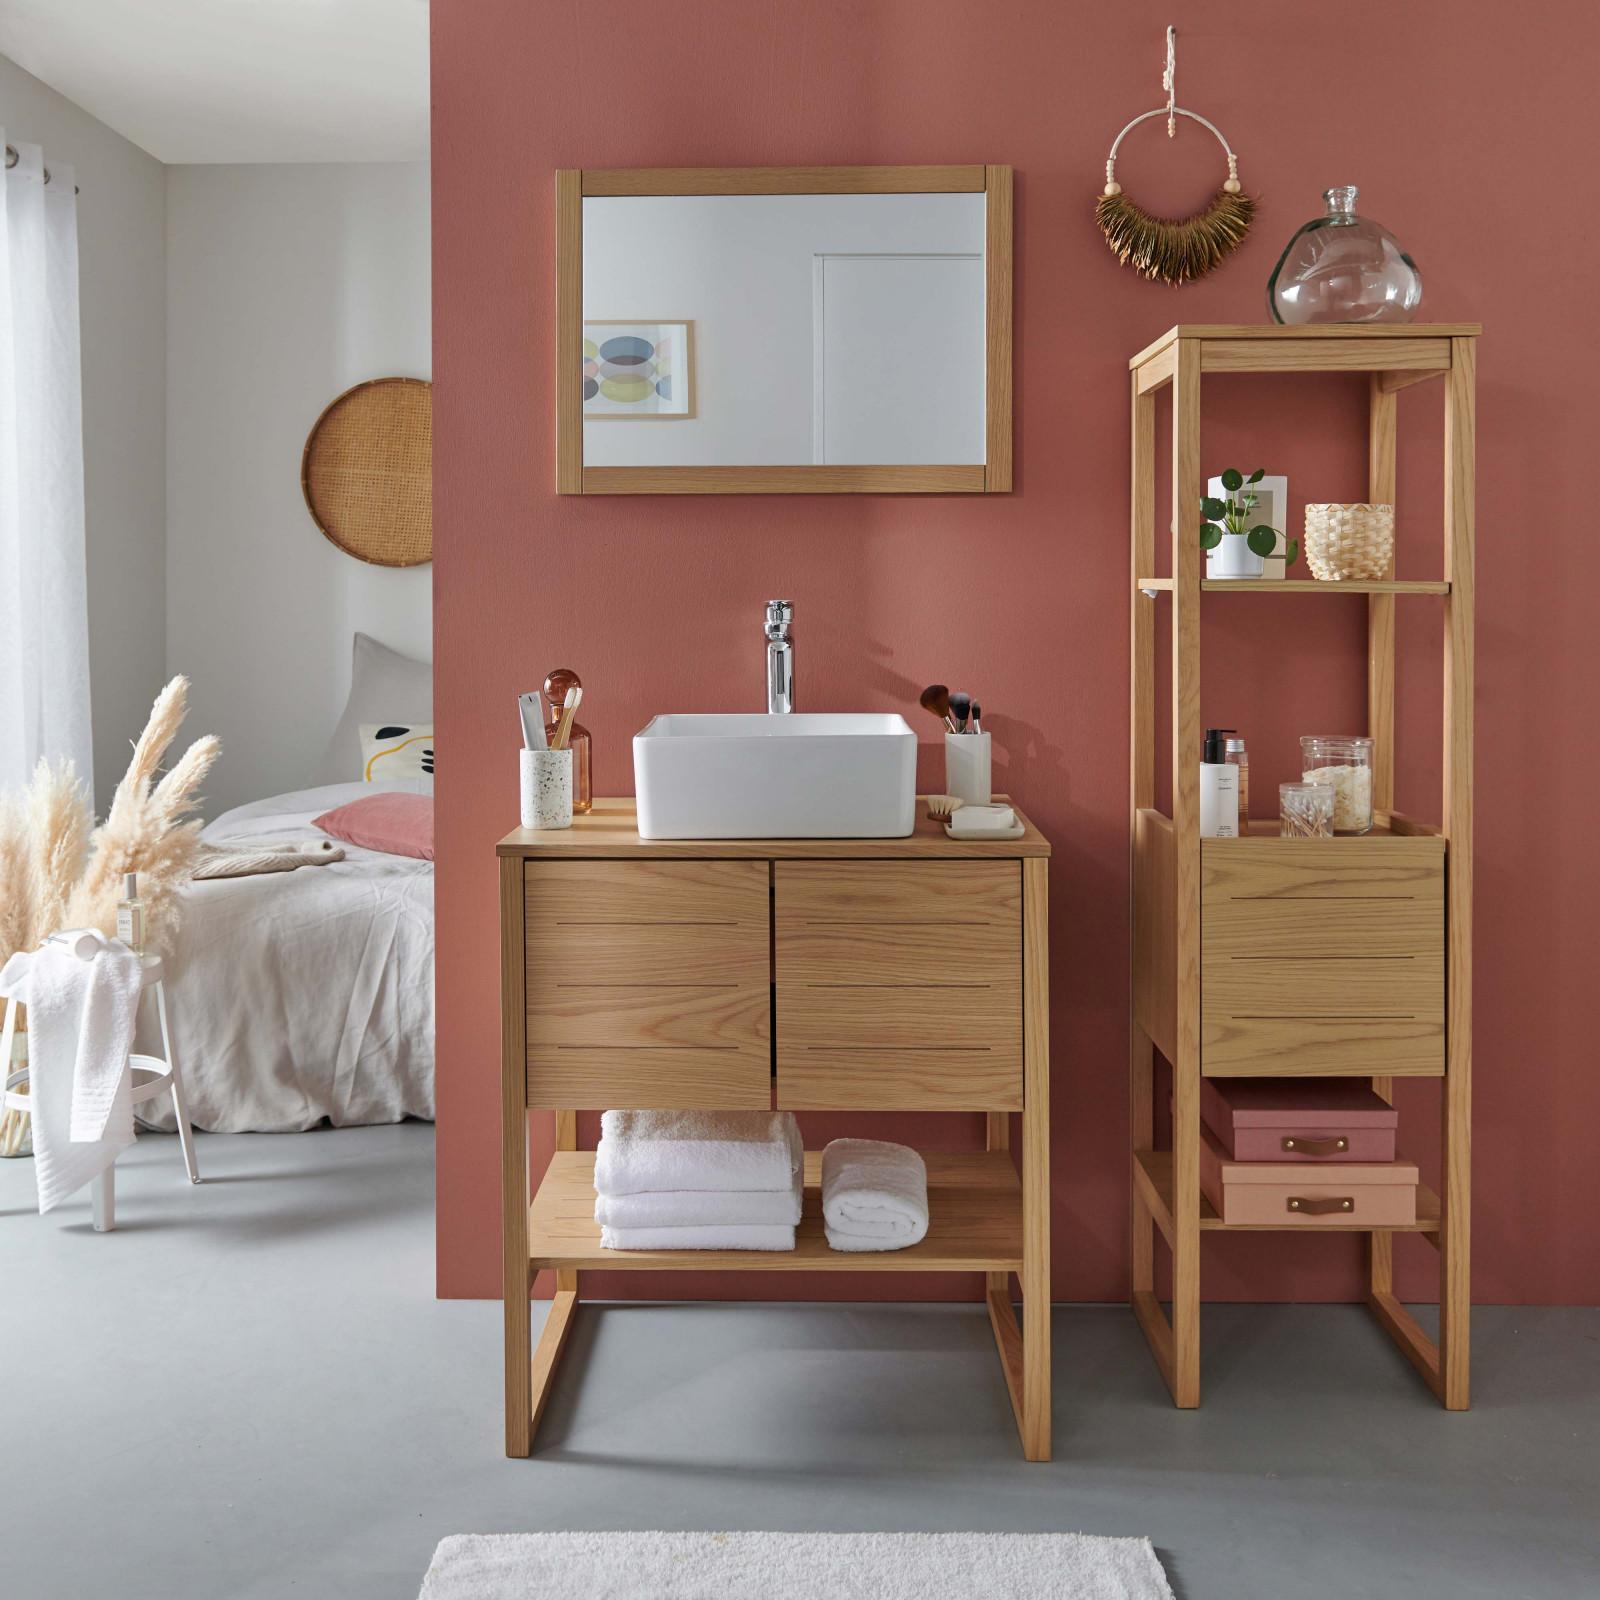 Meuble de salle de bain avec colonne, vasque, miroir effet bois clair